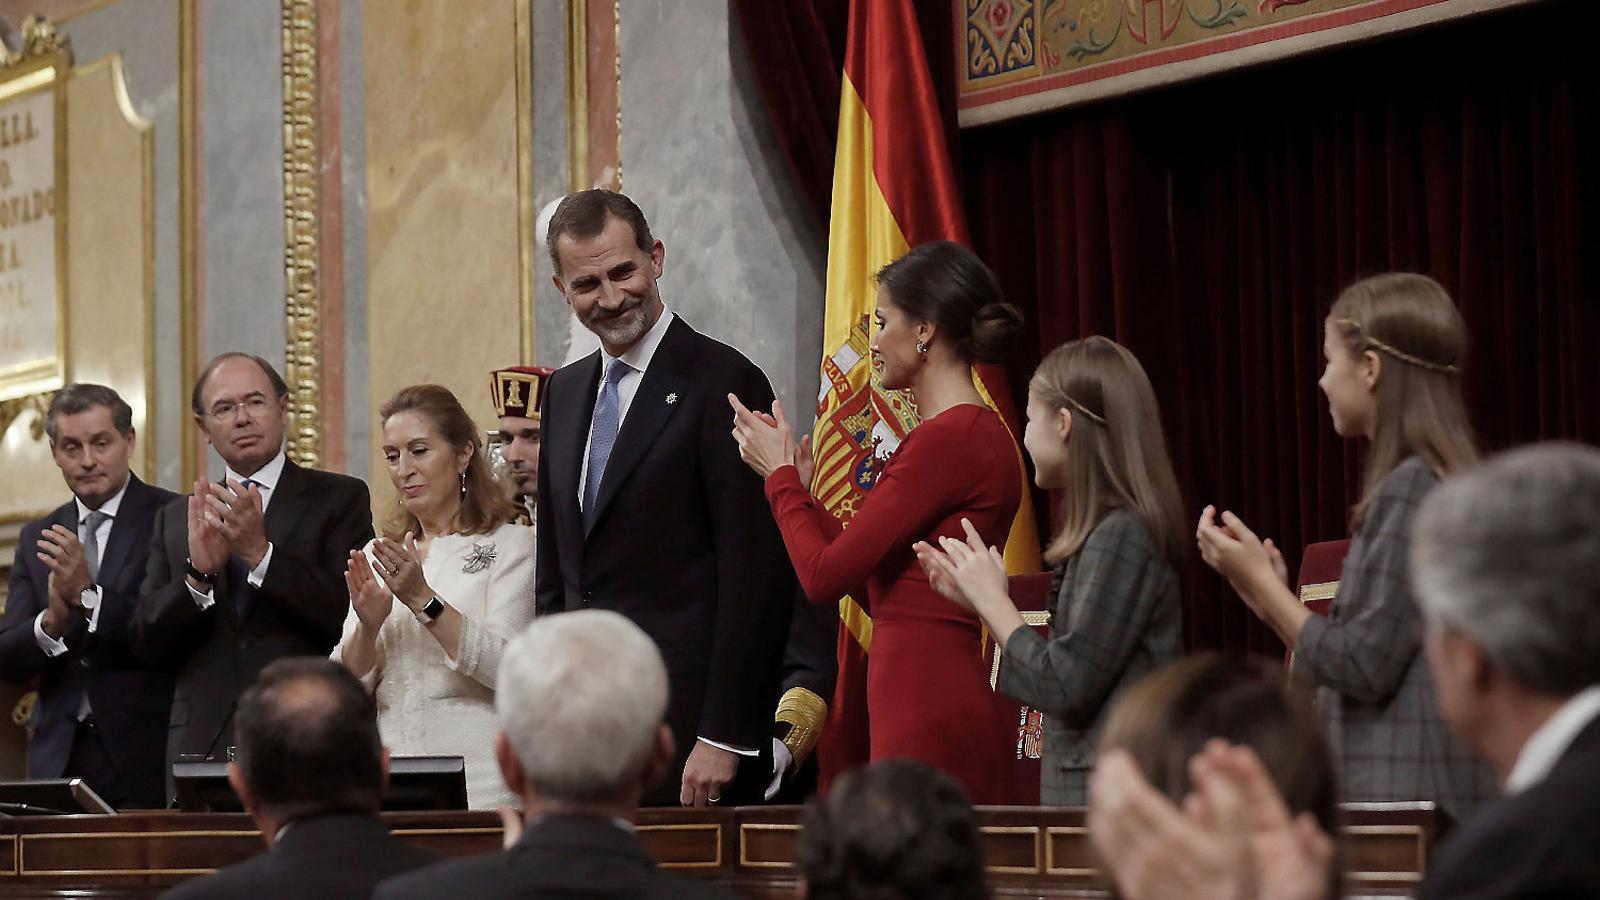 Felip VI va presidir ahir l'acte dels 40 anys de la Constitució al Congrés, que va agrupar per primer cop el rei emèrit i la princesa Elionor, així com cinc presidents espanyols, que van seure amb els pares de la Constitució  al mig de l'hemicicle.